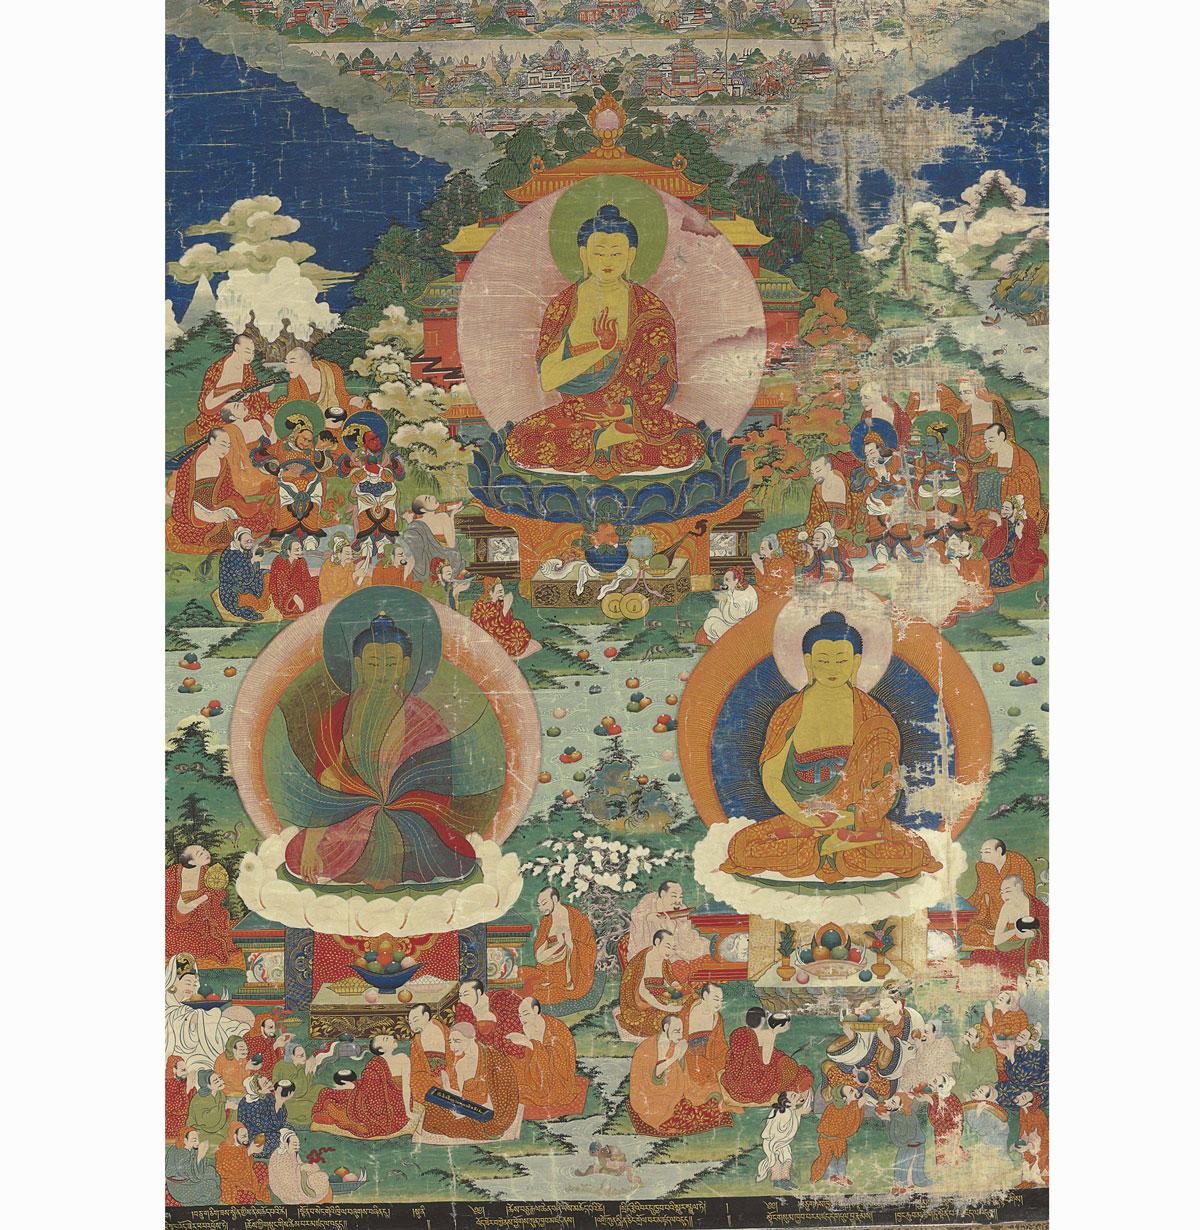 Tangka tibet, peinture asiatique, peinture chinoise, tableau indonésien, peinture vietnamienne, tableau asie, prix, estimation, achat, vente, expertise